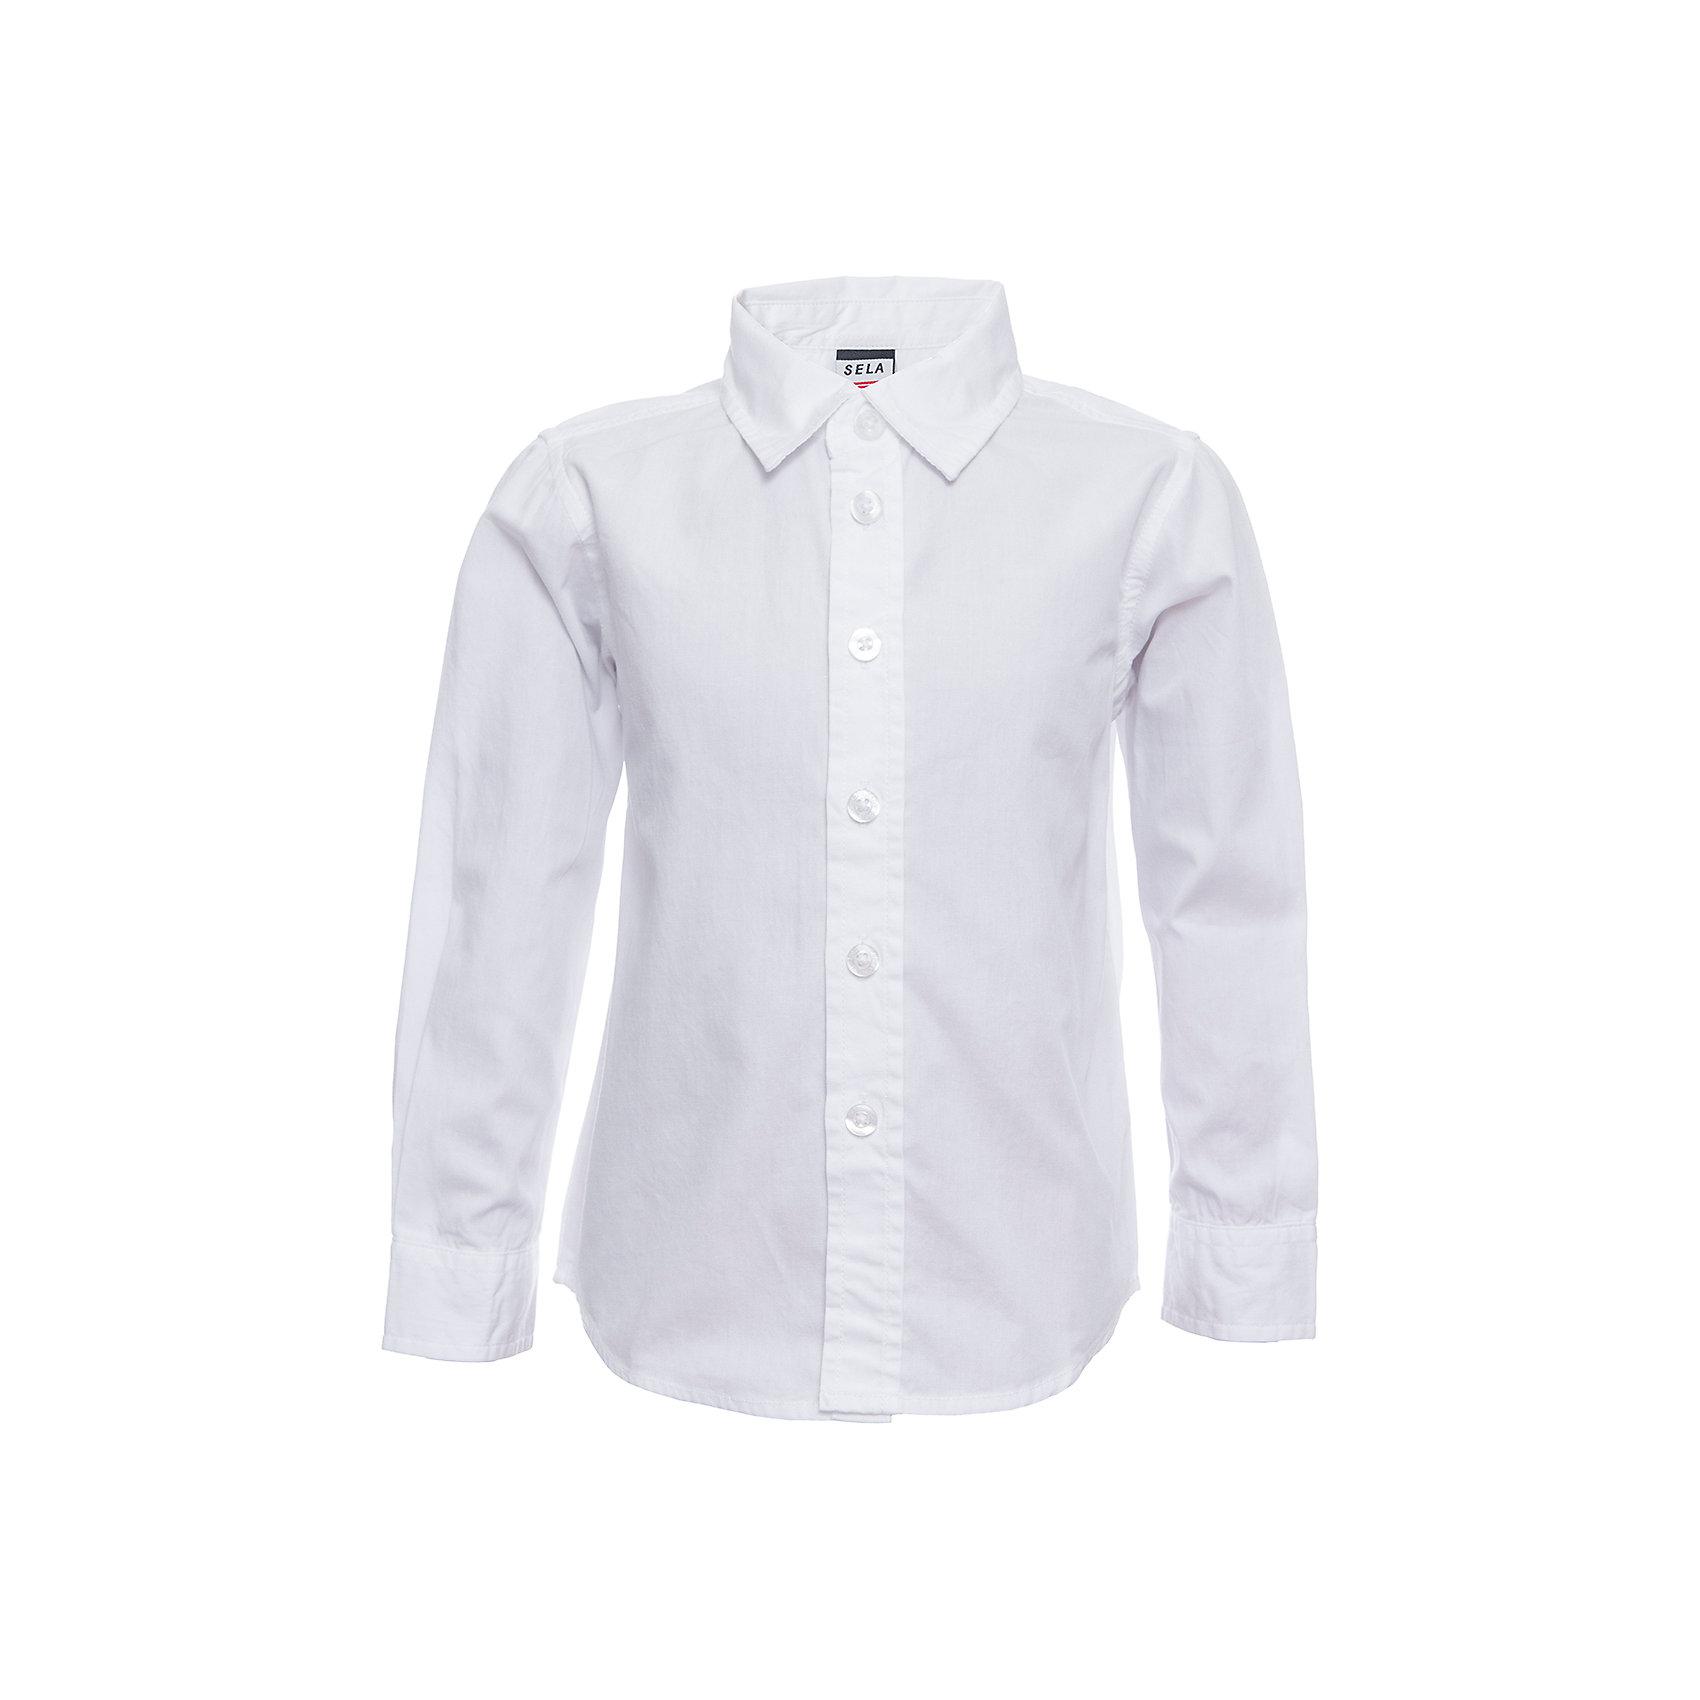 Рубашка SELA для мальчикаБлузки и рубашки<br>Характеристики товара:<br><br>• цвет: белый<br>• состав ткани: 100% хлопок<br>• сезон: демисезон<br>• особенности модели: школьная, нарядная<br>• застежка: пуговицы<br>• длинные рукава<br>• страна бренда: Россия<br>• страна производства: Индия<br><br>Белая рубашка для мальчика отличается классическим дизайном. Такая рубашка для мальчика - базовая вещь для гардероба. Эта рубашка для ребенка сшита из дышащего хлопкового материала. Модели от Sela стильные и удобные, как и эта детская рубашка с длинным рукавом. <br><br>Рубашку для мальчика Sela (Села) можно купить в нашем интернет-магазине.<br><br>Ширина мм: 174<br>Глубина мм: 10<br>Высота мм: 169<br>Вес г: 157<br>Цвет: белый<br>Возраст от месяцев: 24<br>Возраст до месяцев: 36<br>Пол: Мужской<br>Возраст: Детский<br>Размер: 98,104,110,116,92<br>SKU: 7032317